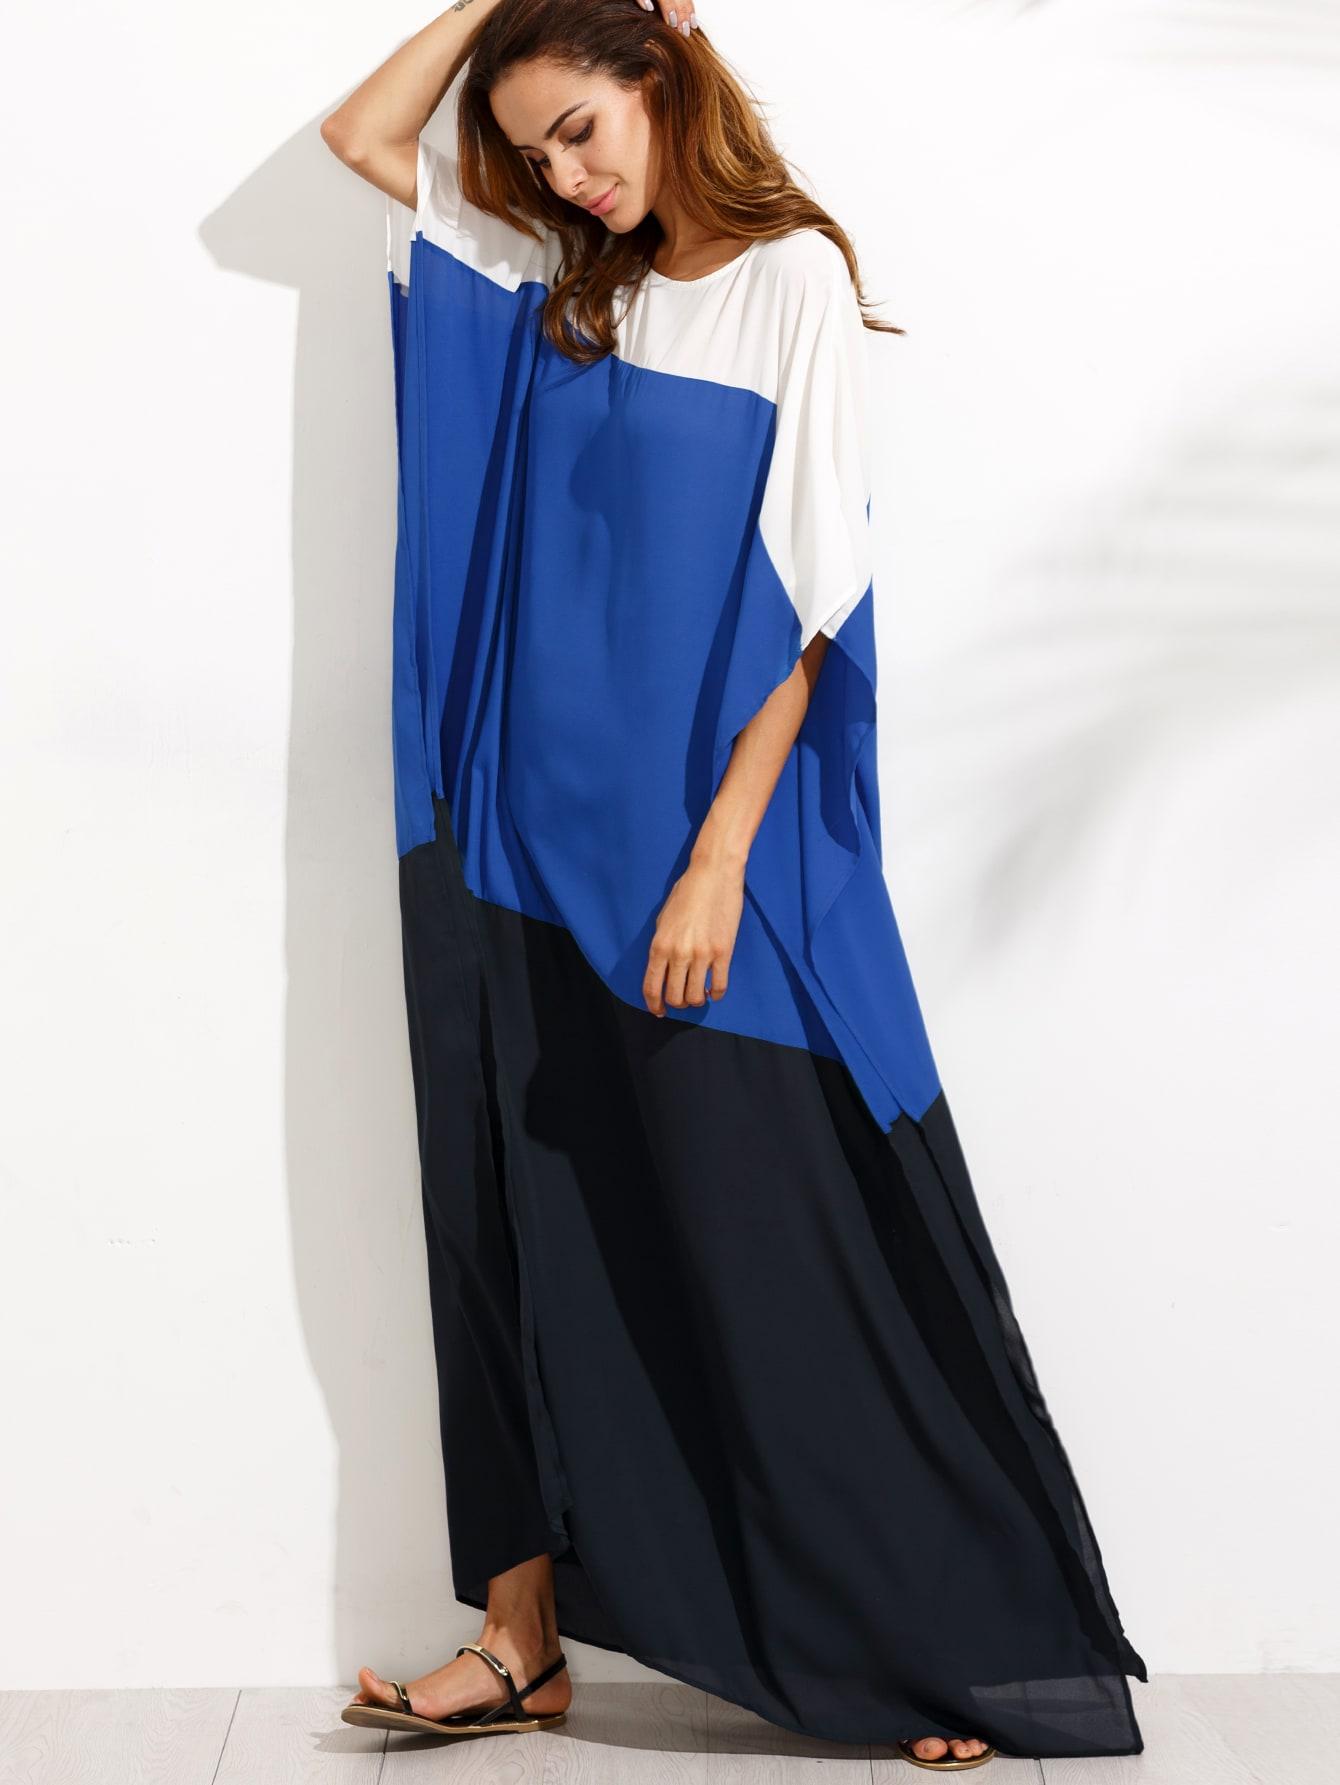 Colorblock Split Maxi DressColorblock Split Maxi Dress<br><br>color: Multicolor<br>size: one-size